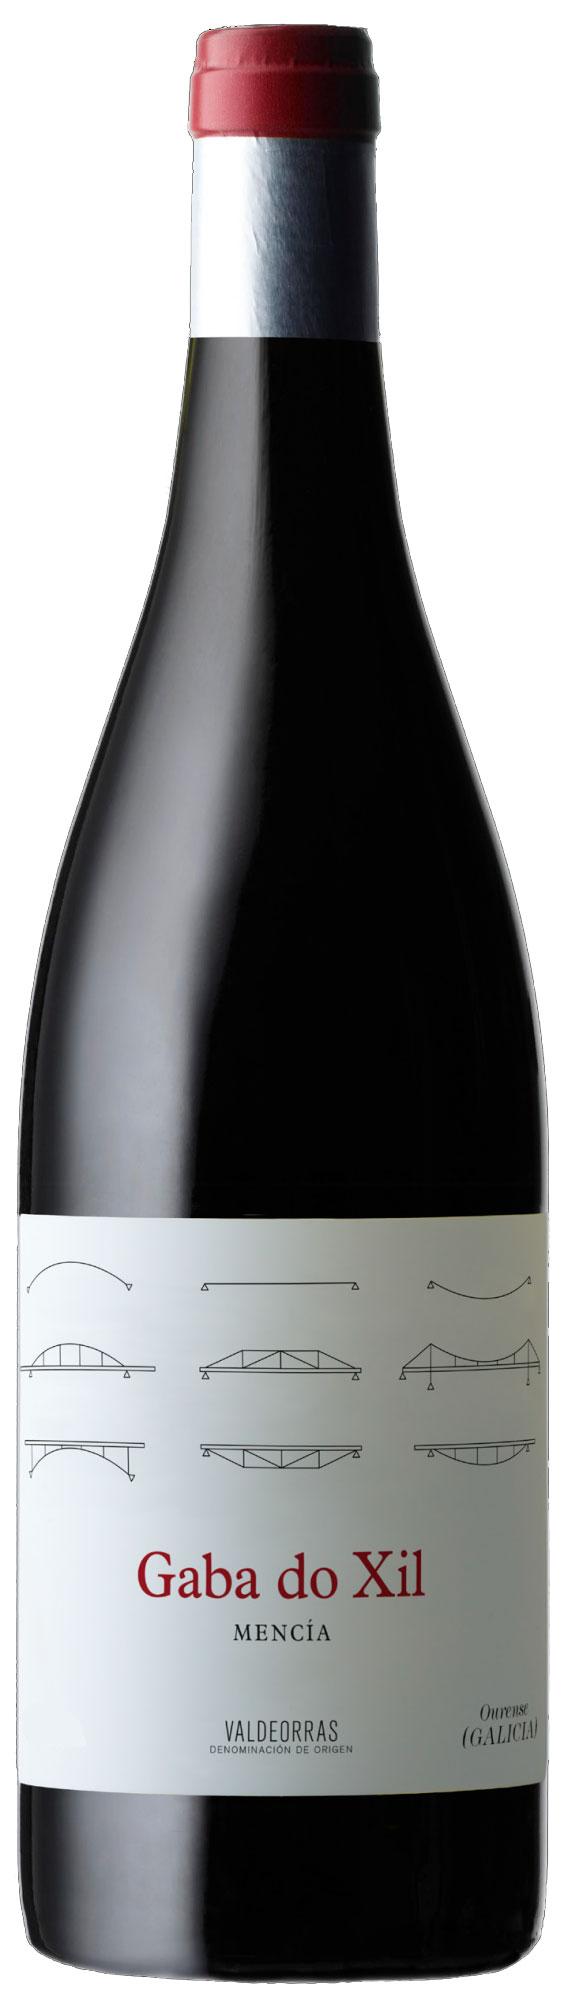 Gaba do Xil Mencia ( Compañía de Vinos Telmo Rodríguez ) 2018